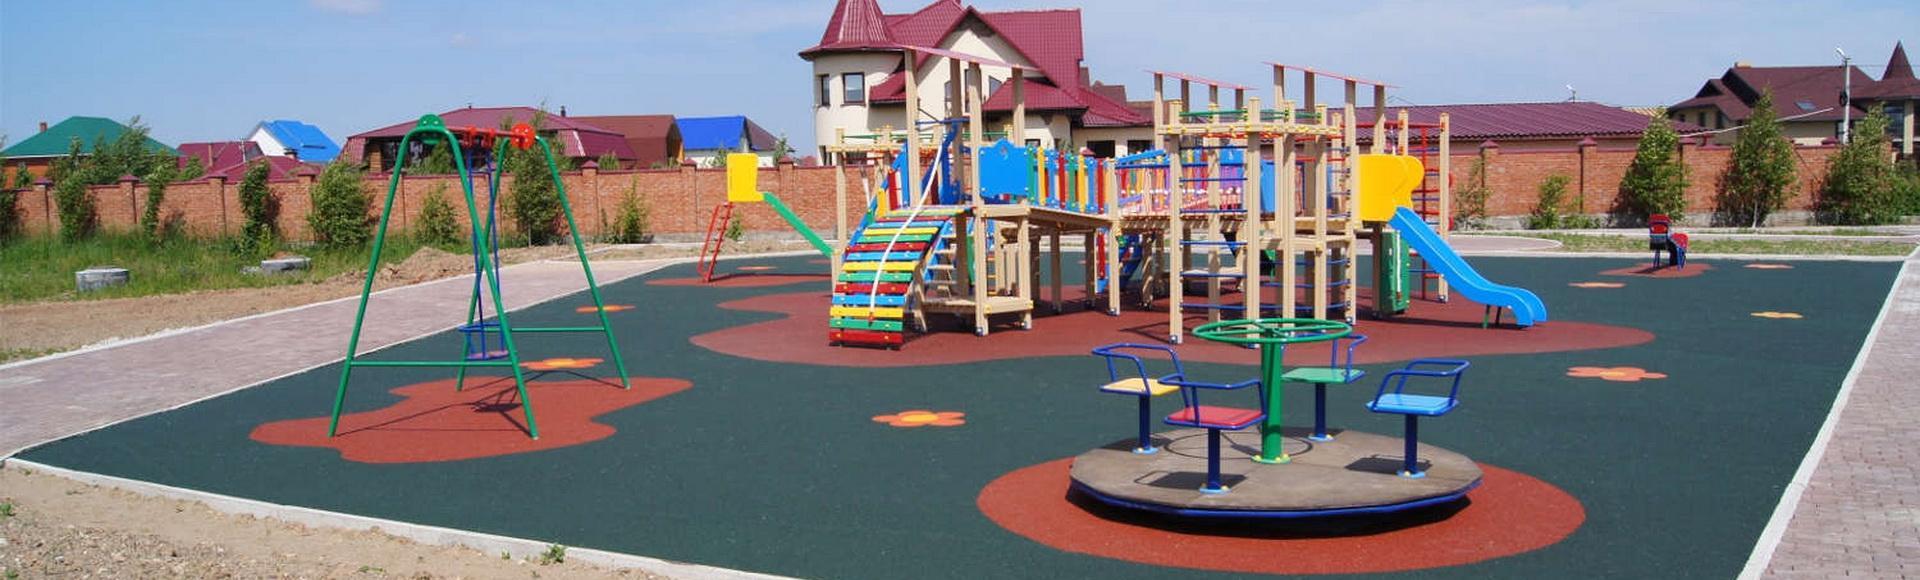 Безопасная спортивная и детская площадки с покрытием TNP GROUP Ukraine